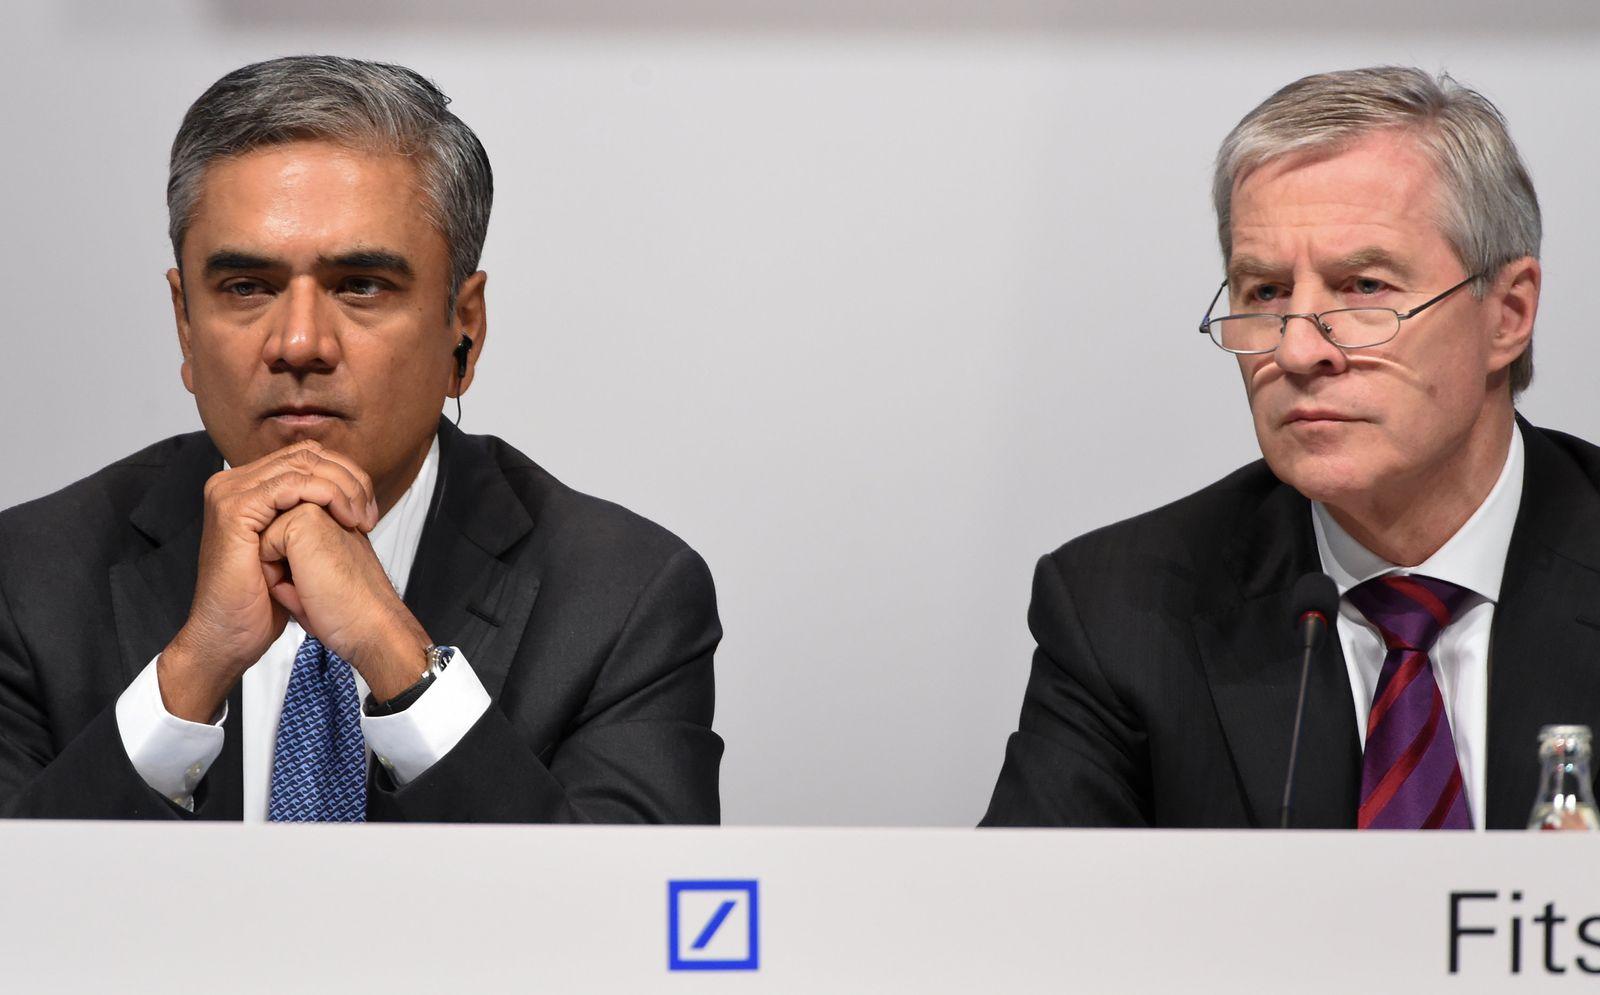 Anshu Jain/ Jürgen Fitschen